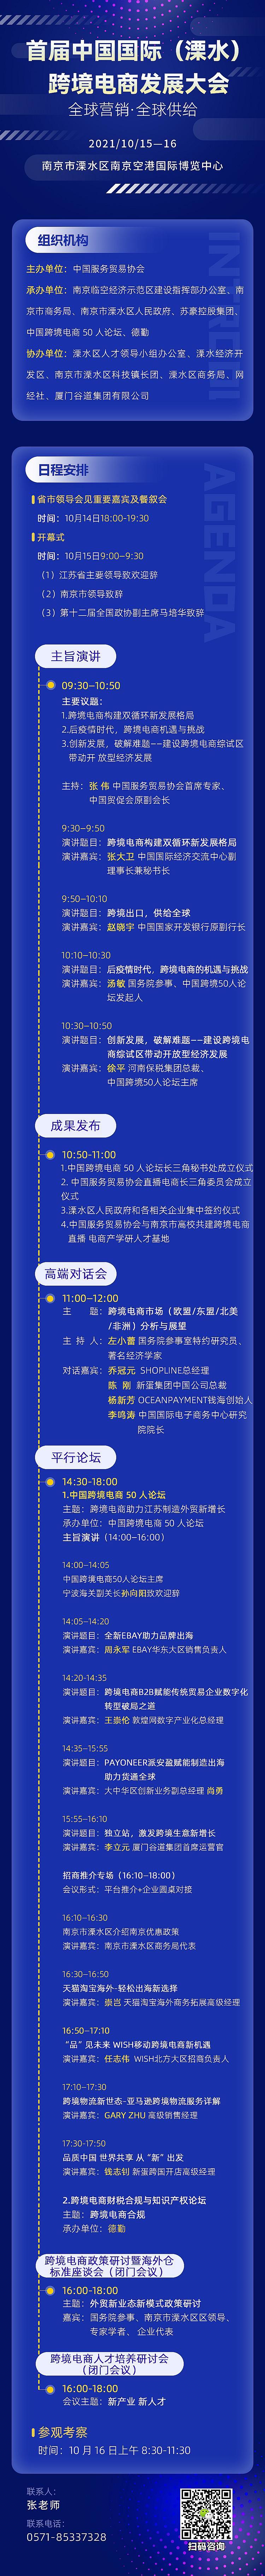 41632884723630_article4_1581.jpg